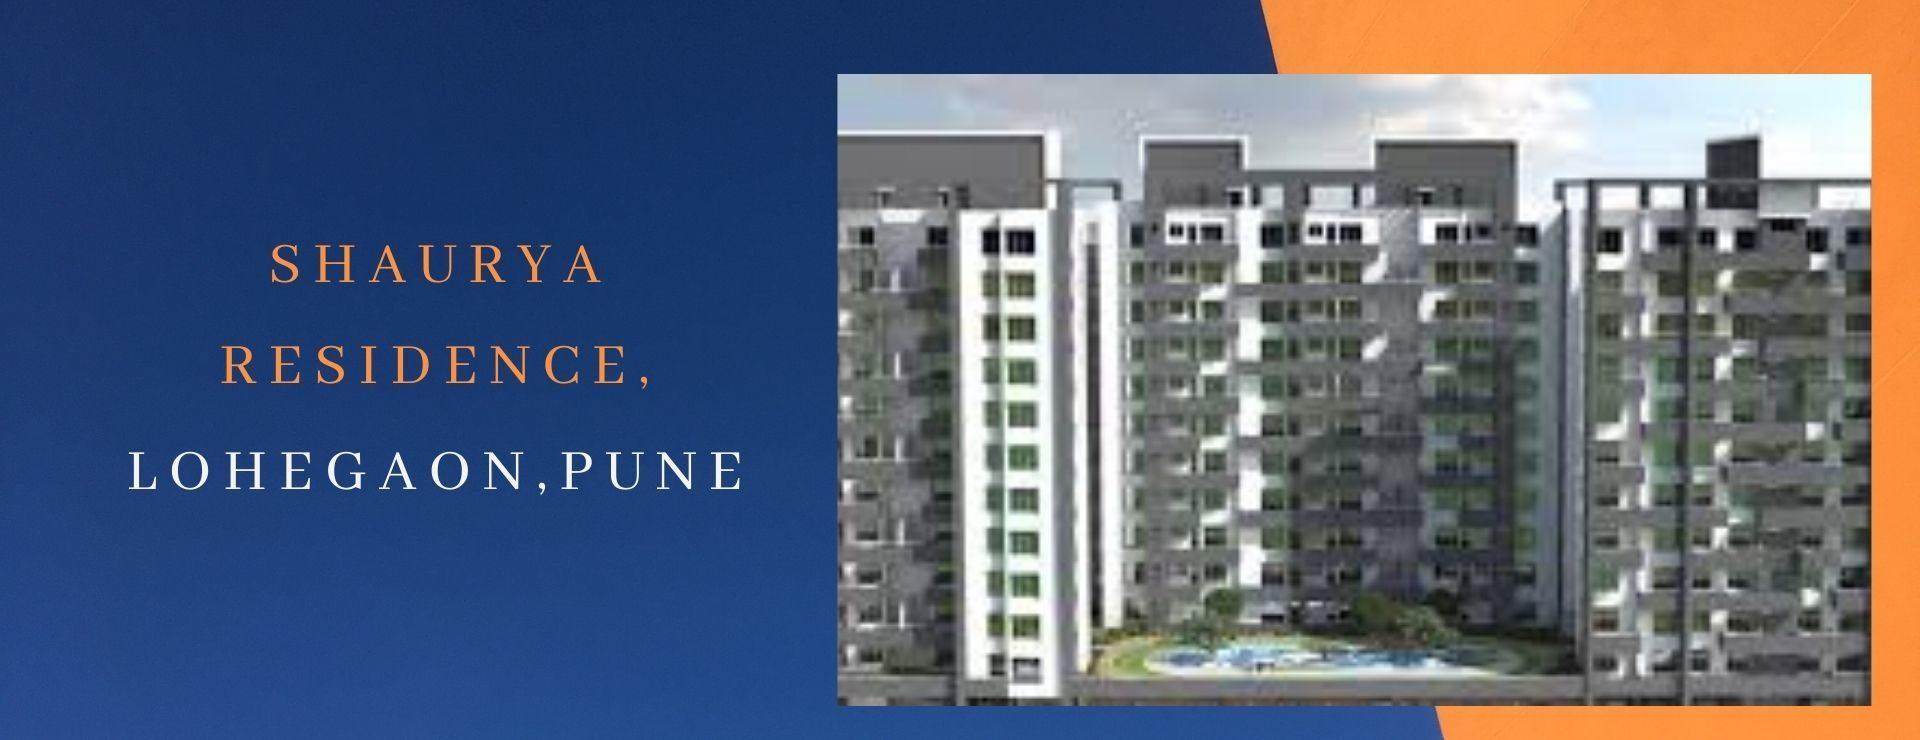 Shaurya Residence,Lohegaon, Pune